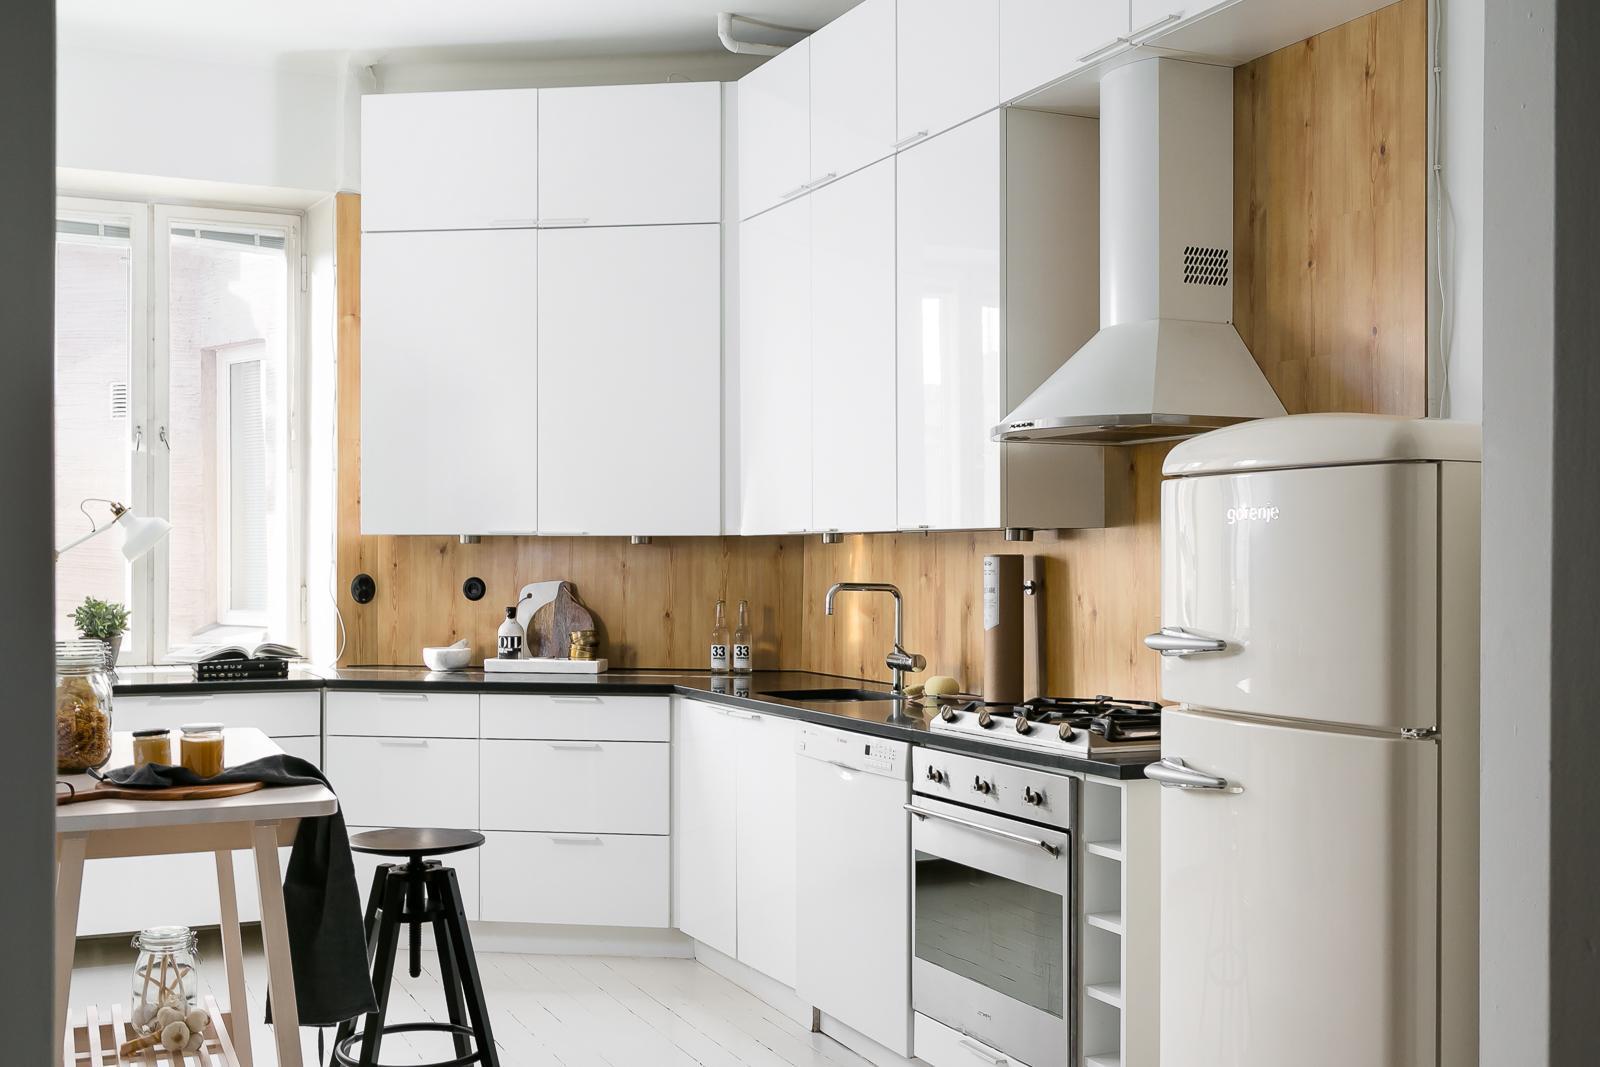 Skandinaavinen keittiö  Etuovi com Ideat & vinkit